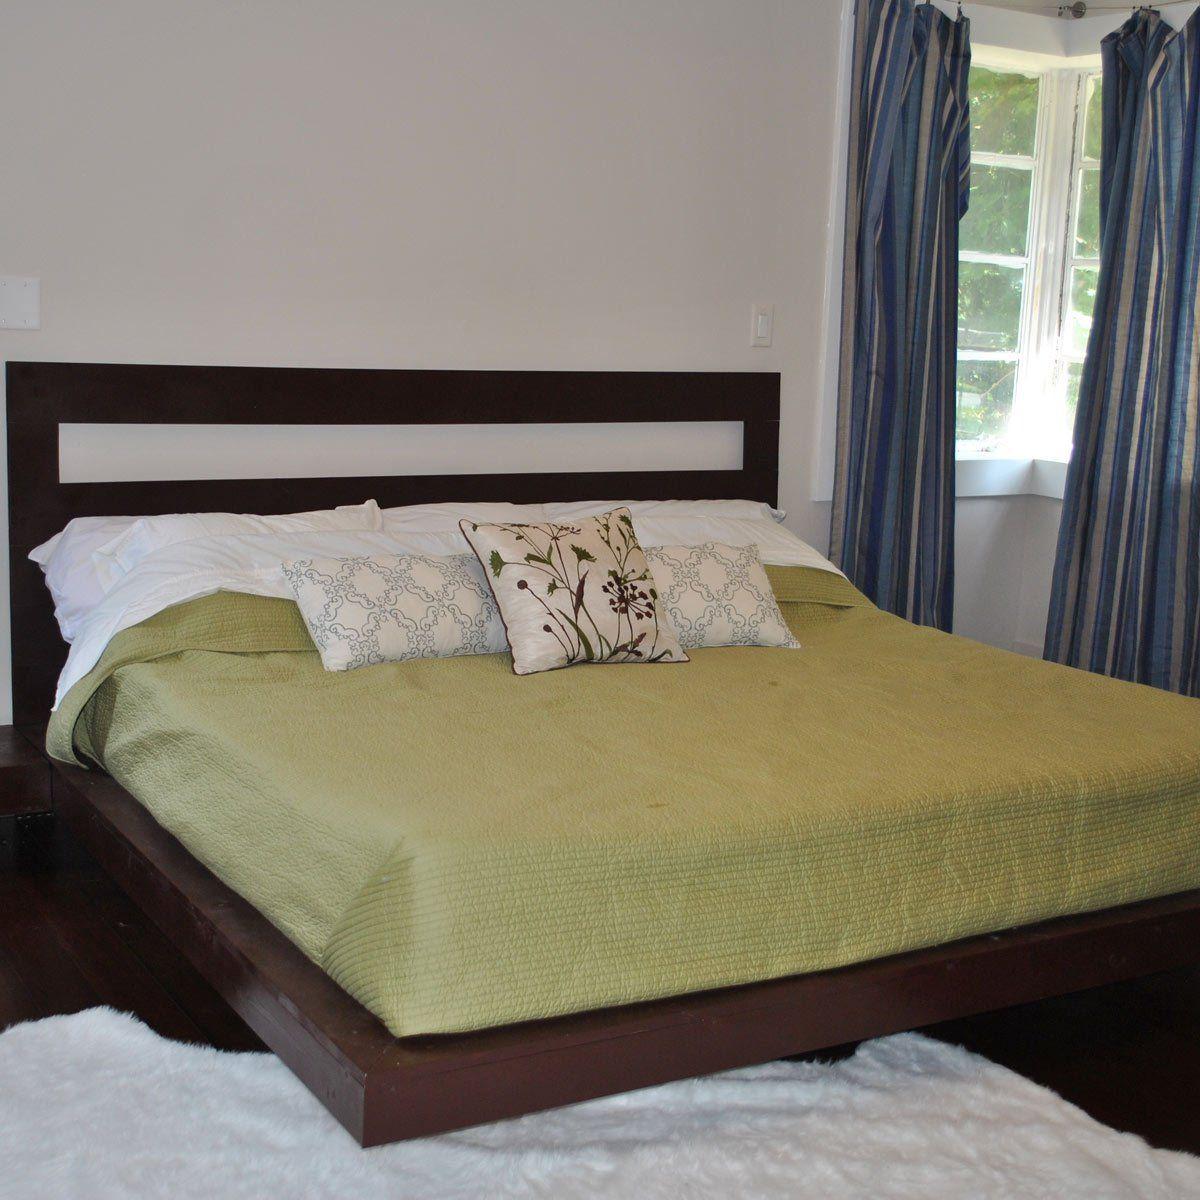 Schlafzimmer Bett Design Hinzufügen eines luxeSuche